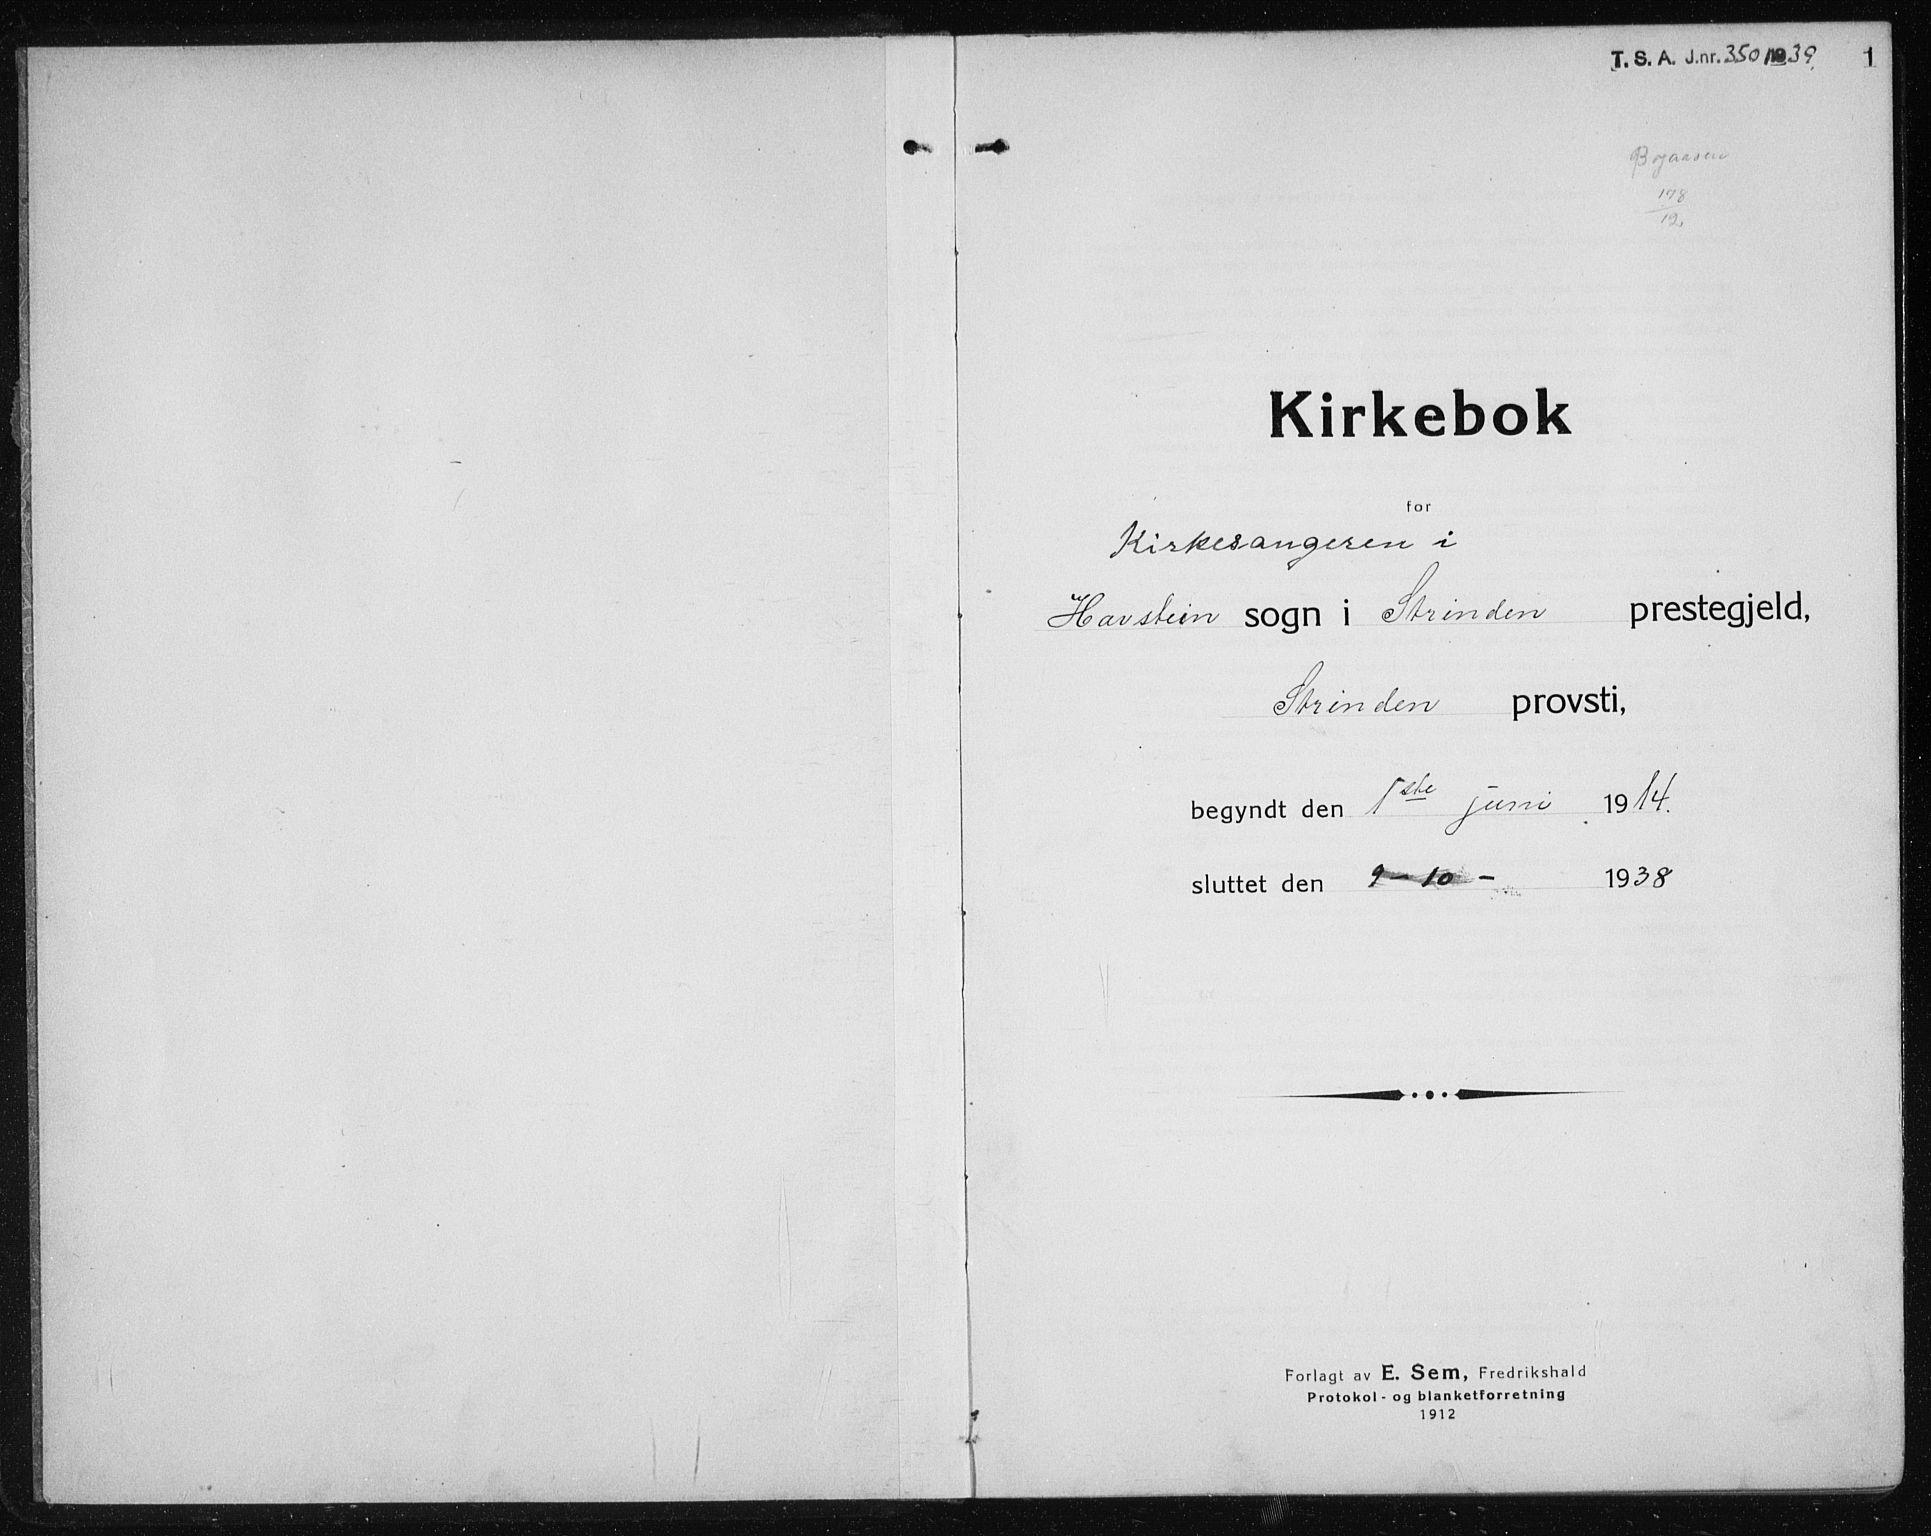 SAT, Ministerialprotokoller, klokkerbøker og fødselsregistre - Sør-Trøndelag, 611/L0356: Klokkerbok nr. 611C04, 1914-1938, s. 1